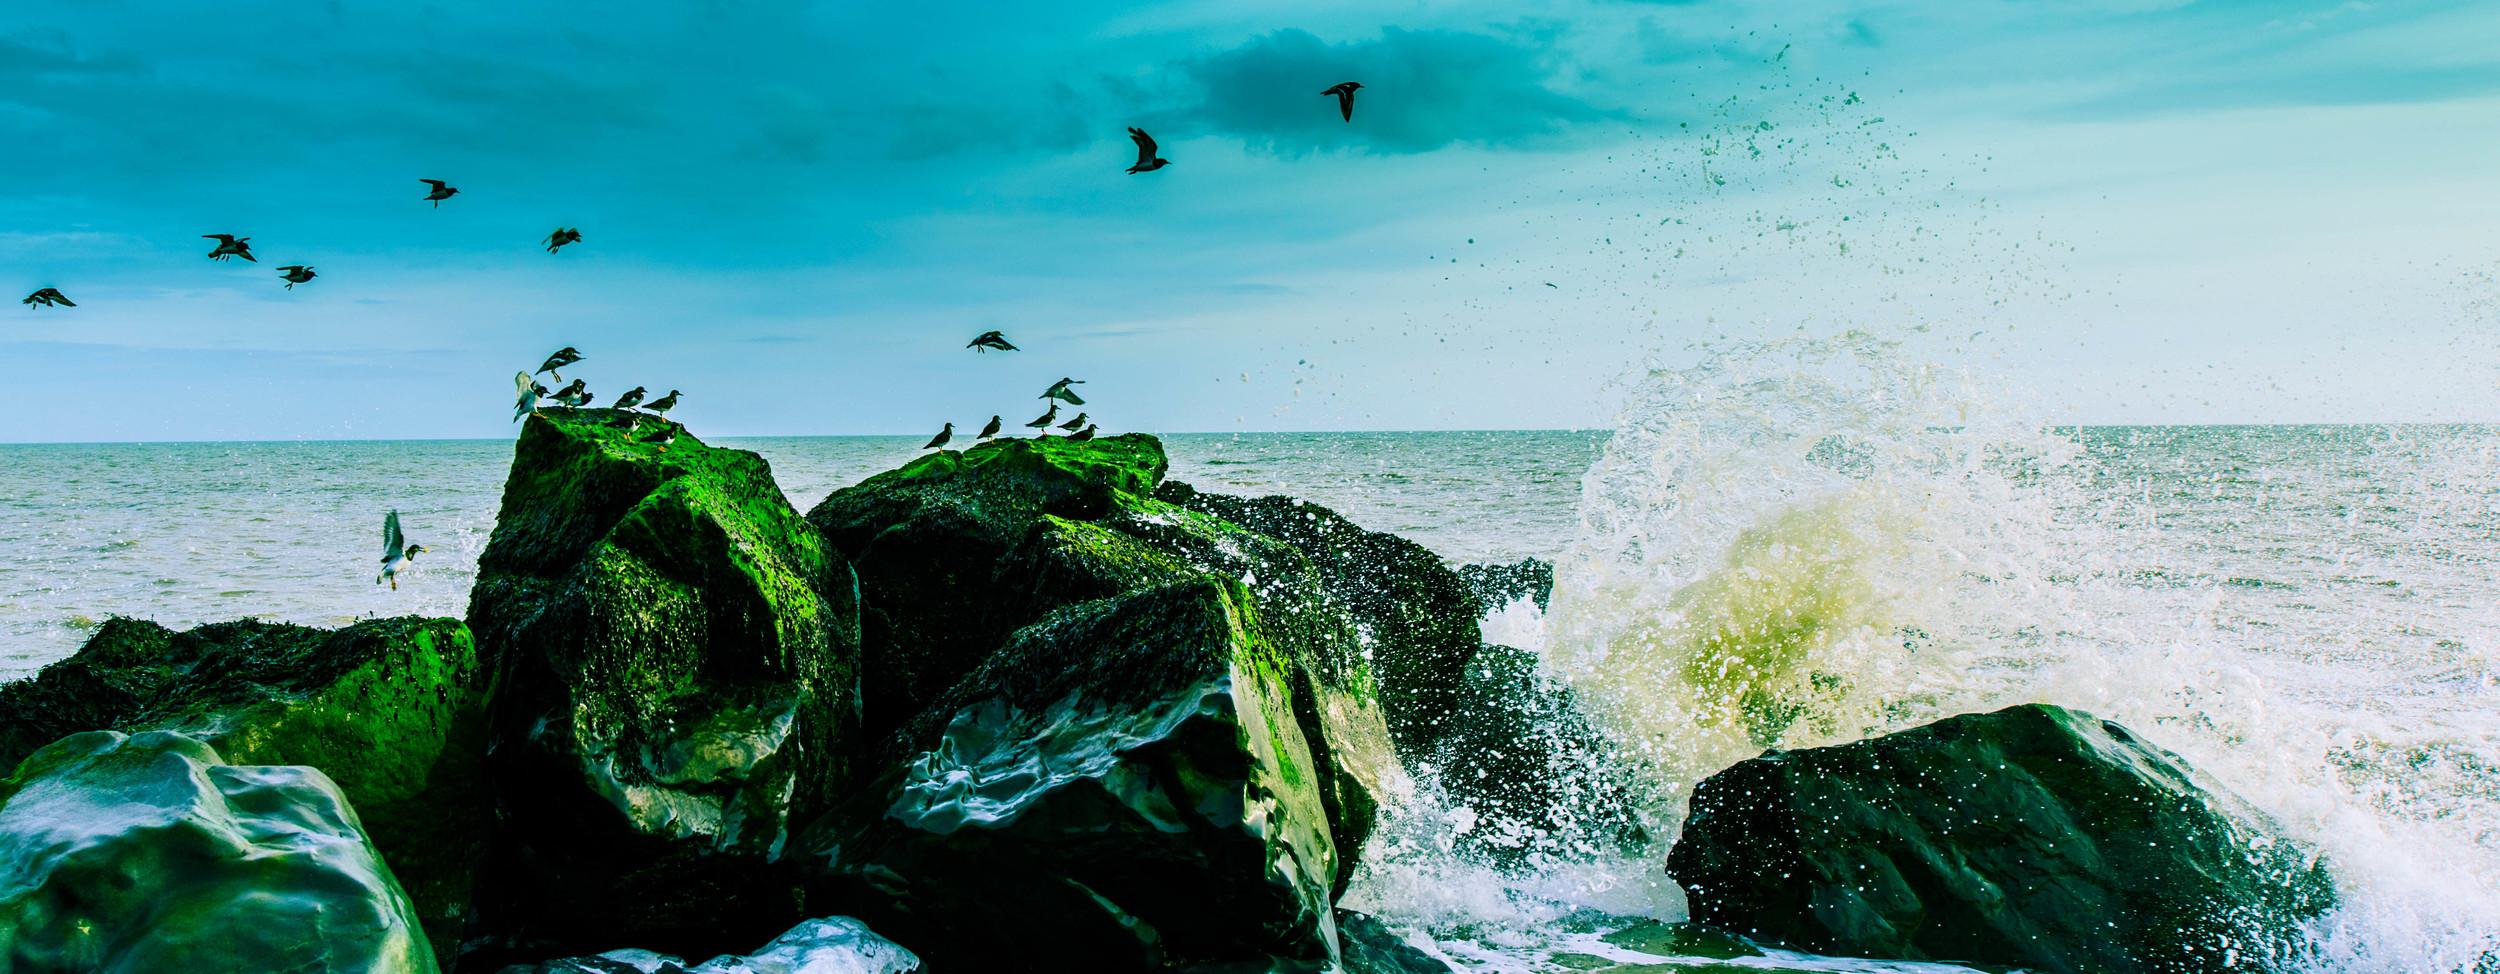 Bird Splash.jpg